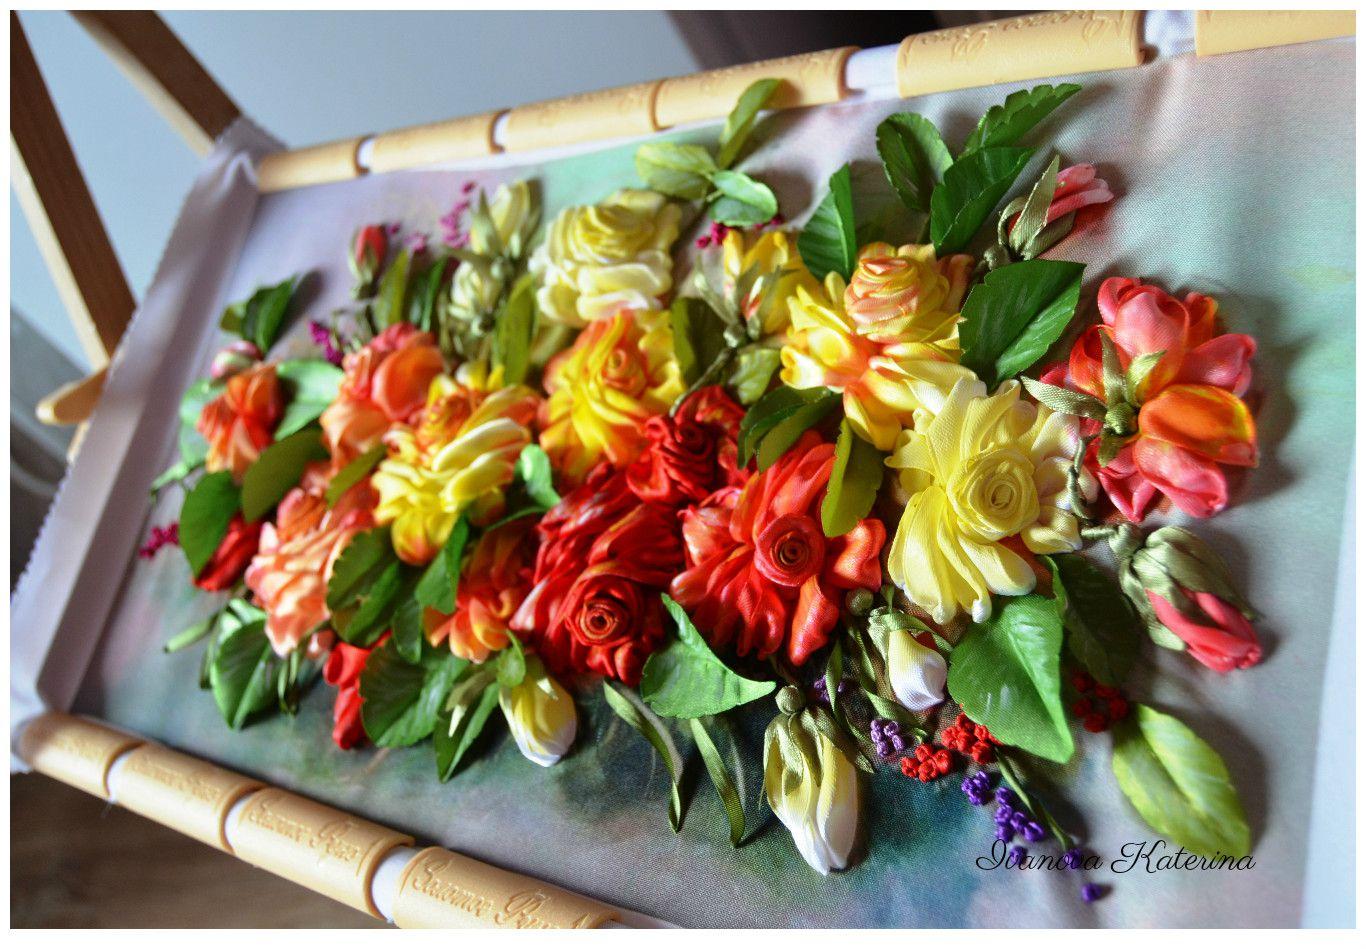 подарок картина юбилей ленты вышивка праздник интерьер розы дом